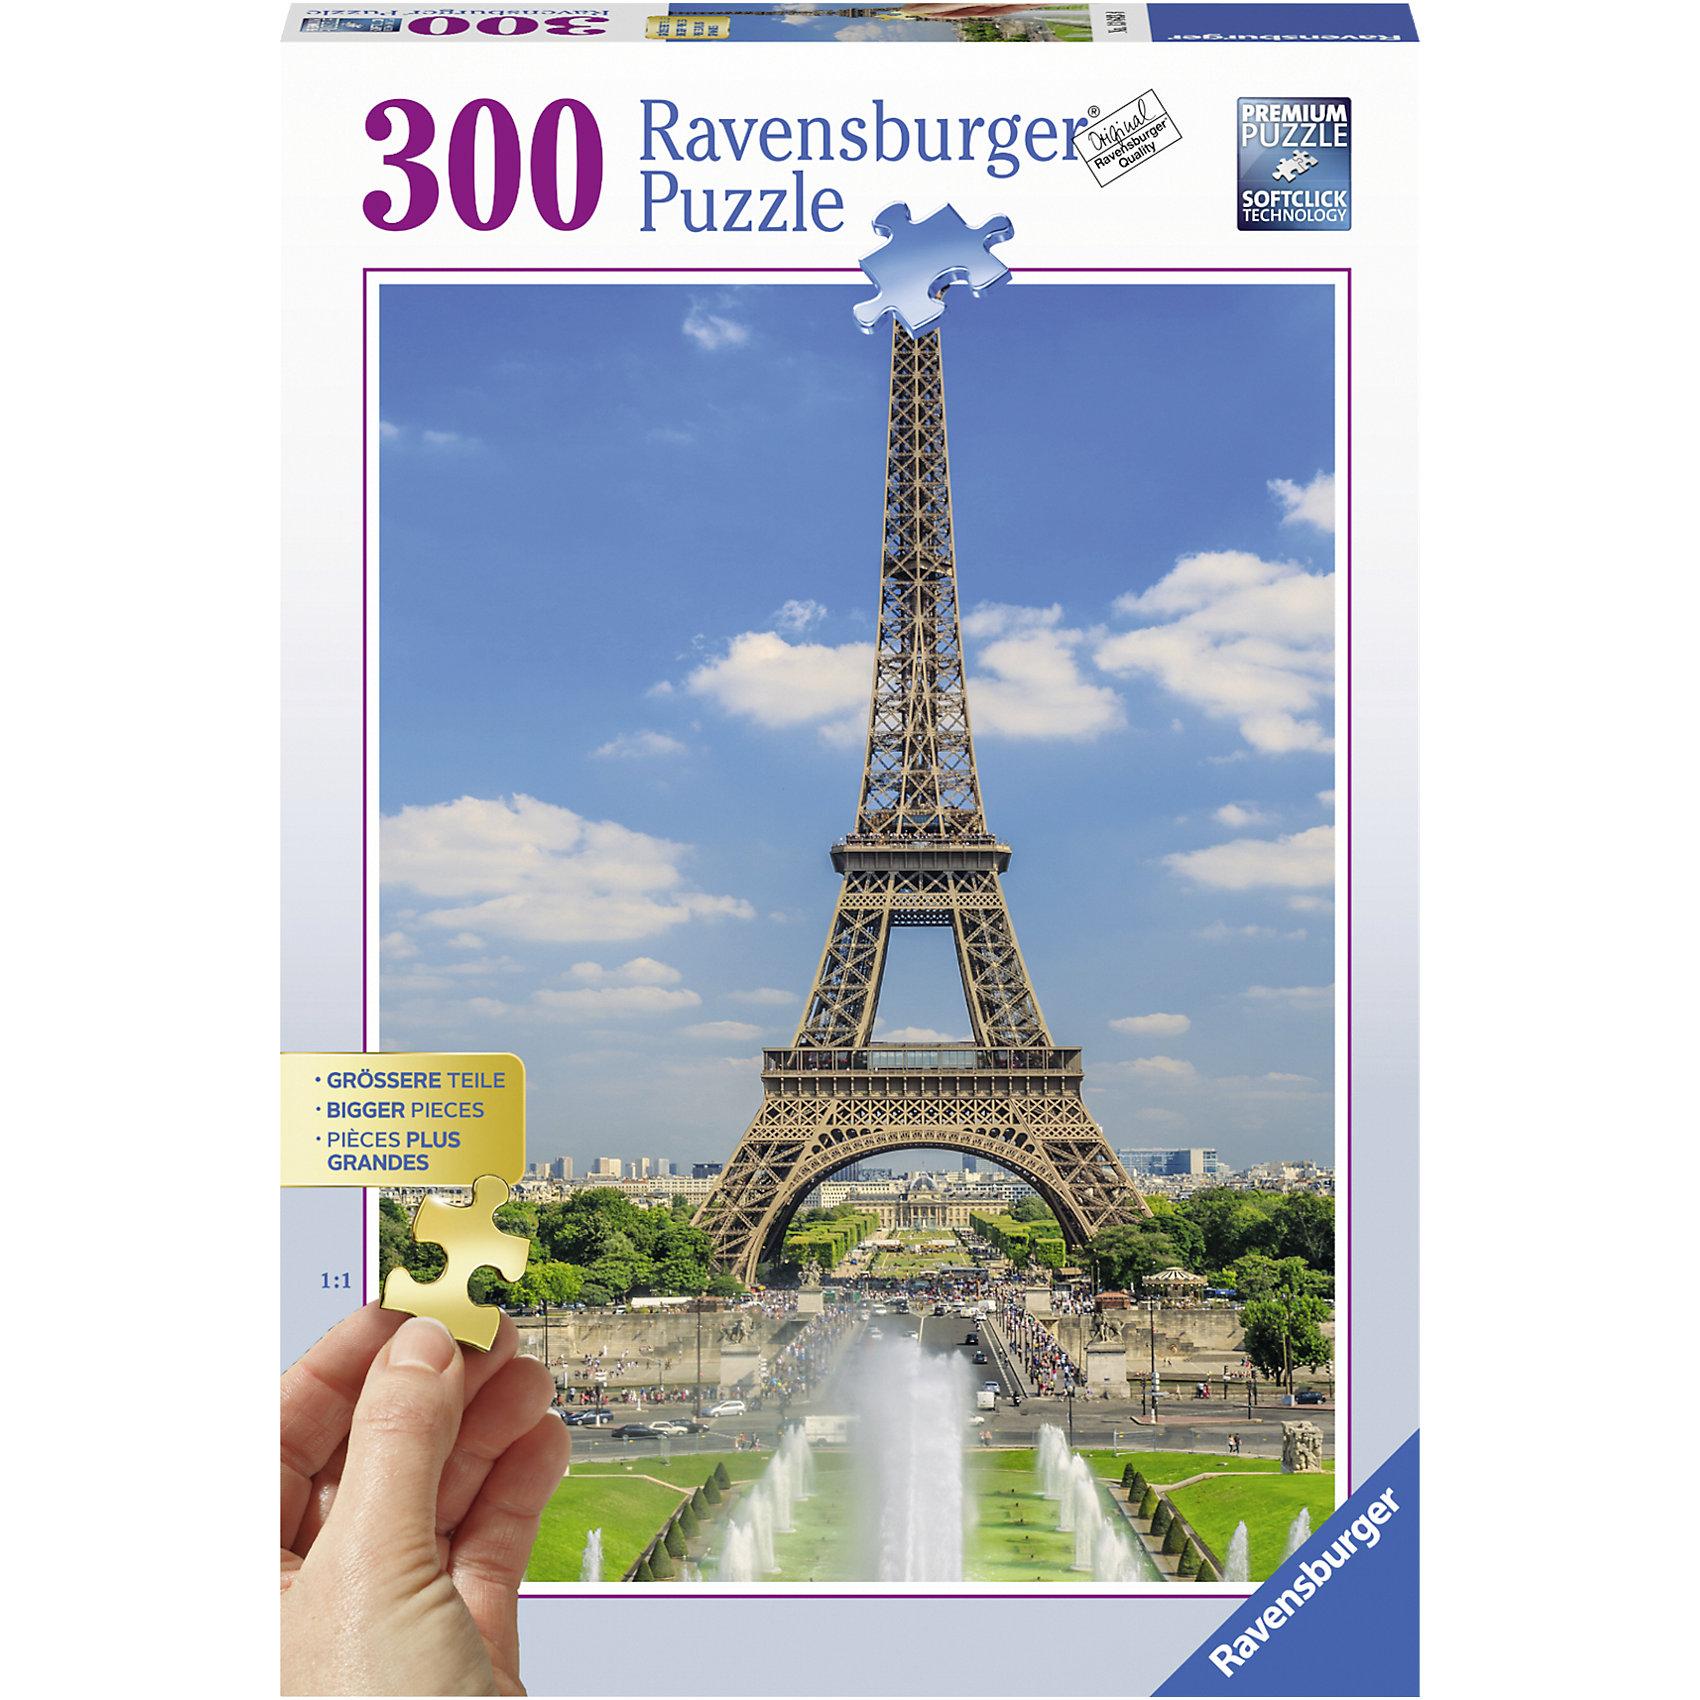 Пазл Вид на Эйфелеву башню, 300 деталей, RavensburgerПазл Вид на Эйфелеву башню состоит из 300 деталей. Сборка пазла развивает моторику рук, воображение, внимательность, усидчивость и логическое мышление. Все детали изготовлены из качественного, экологического материала, которые не расклеиваются при использовании. Красочная картинка  не потеряет цвет со временем и позволит вам наблюдать за прекрасным видом  Парижа.<br><br>В товар входит:<br>-300 деталей<br><br>Дополнительная информация:<br>-Размер картинки – 49*36 см <br>-Возраст: от 12 лет<br>-Для девочек и мальчиков<br>-Состав: картон, бумага<br>-Бренд: Ravensburger (Равенсбургер)<br>-Страна обладатель бренда: Германия<br><br>Ширина мм: 334<br>Глубина мм: 230<br>Высота мм: 54<br>Вес г: 558<br>Возраст от месяцев: 108<br>Возраст до месяцев: 228<br>Пол: Унисекс<br>Возраст: Детский<br>Количество деталей: 300<br>SKU: 4441702